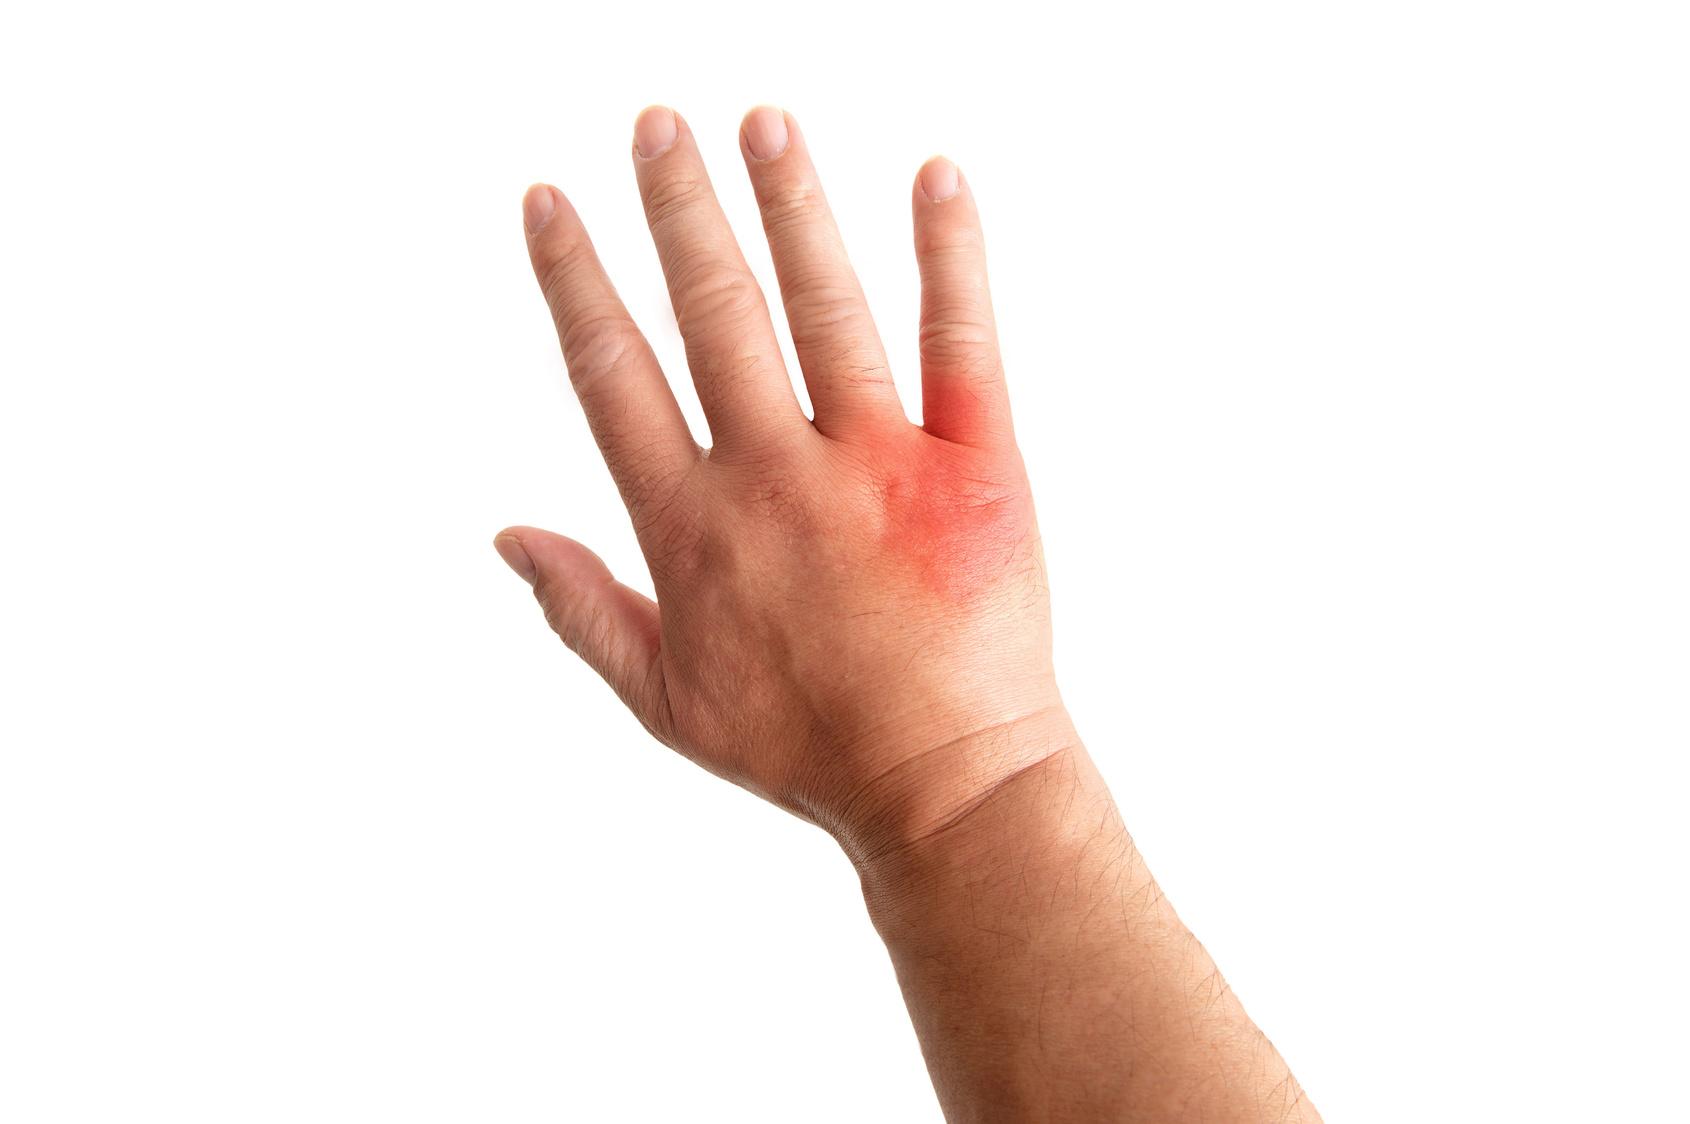 アトピー性皮膚炎の治療で大切な3つのポイント